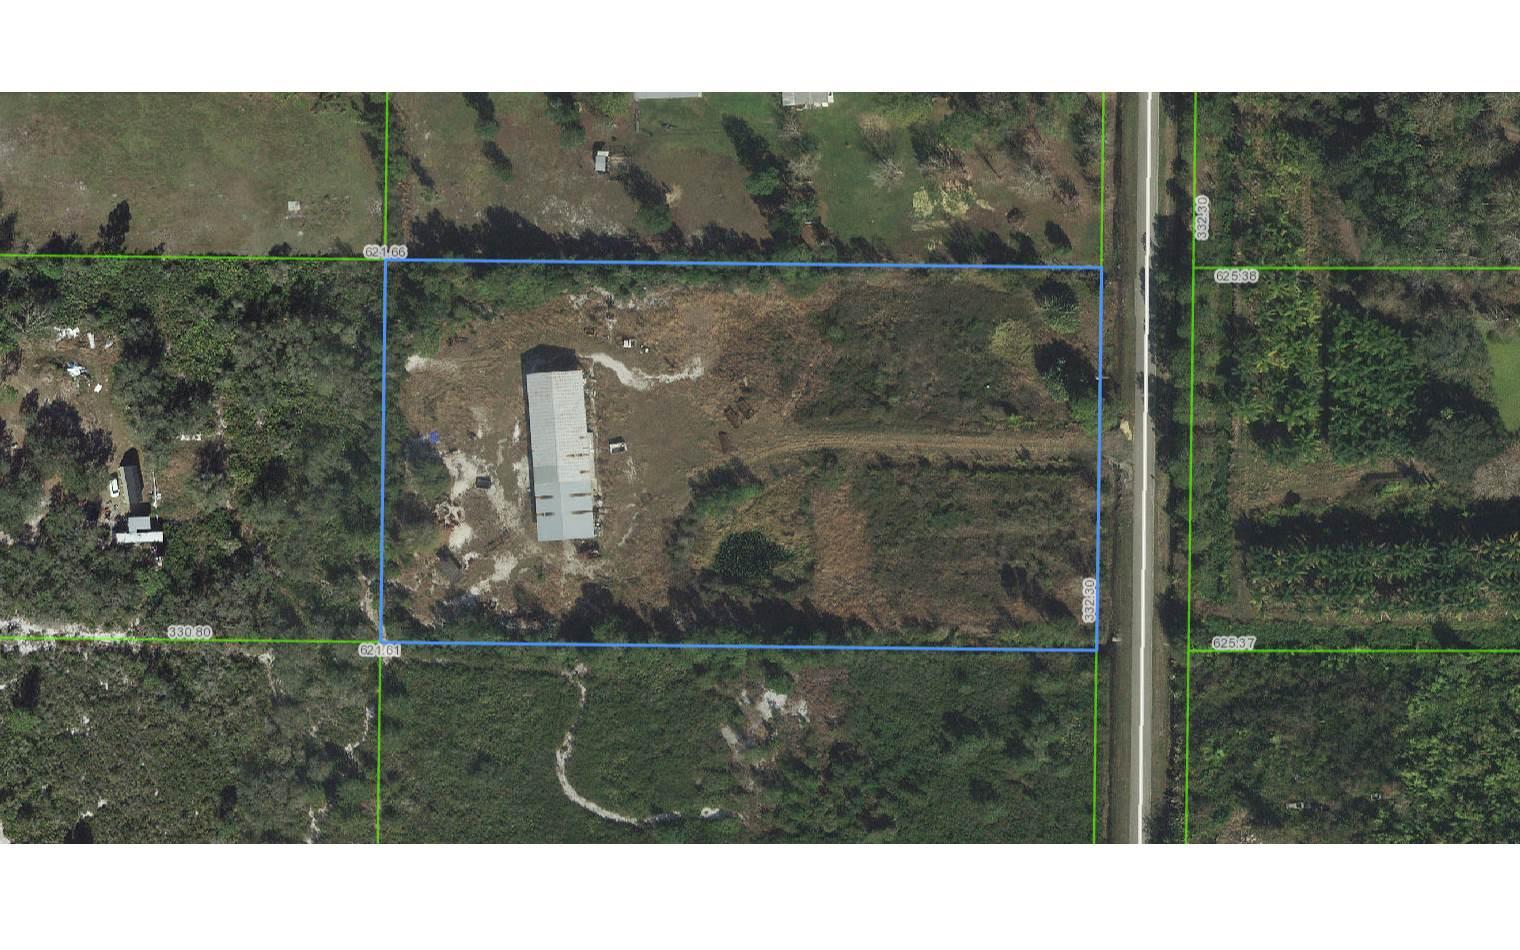 805 N C Hill Rd, Avon Park, FL 33825